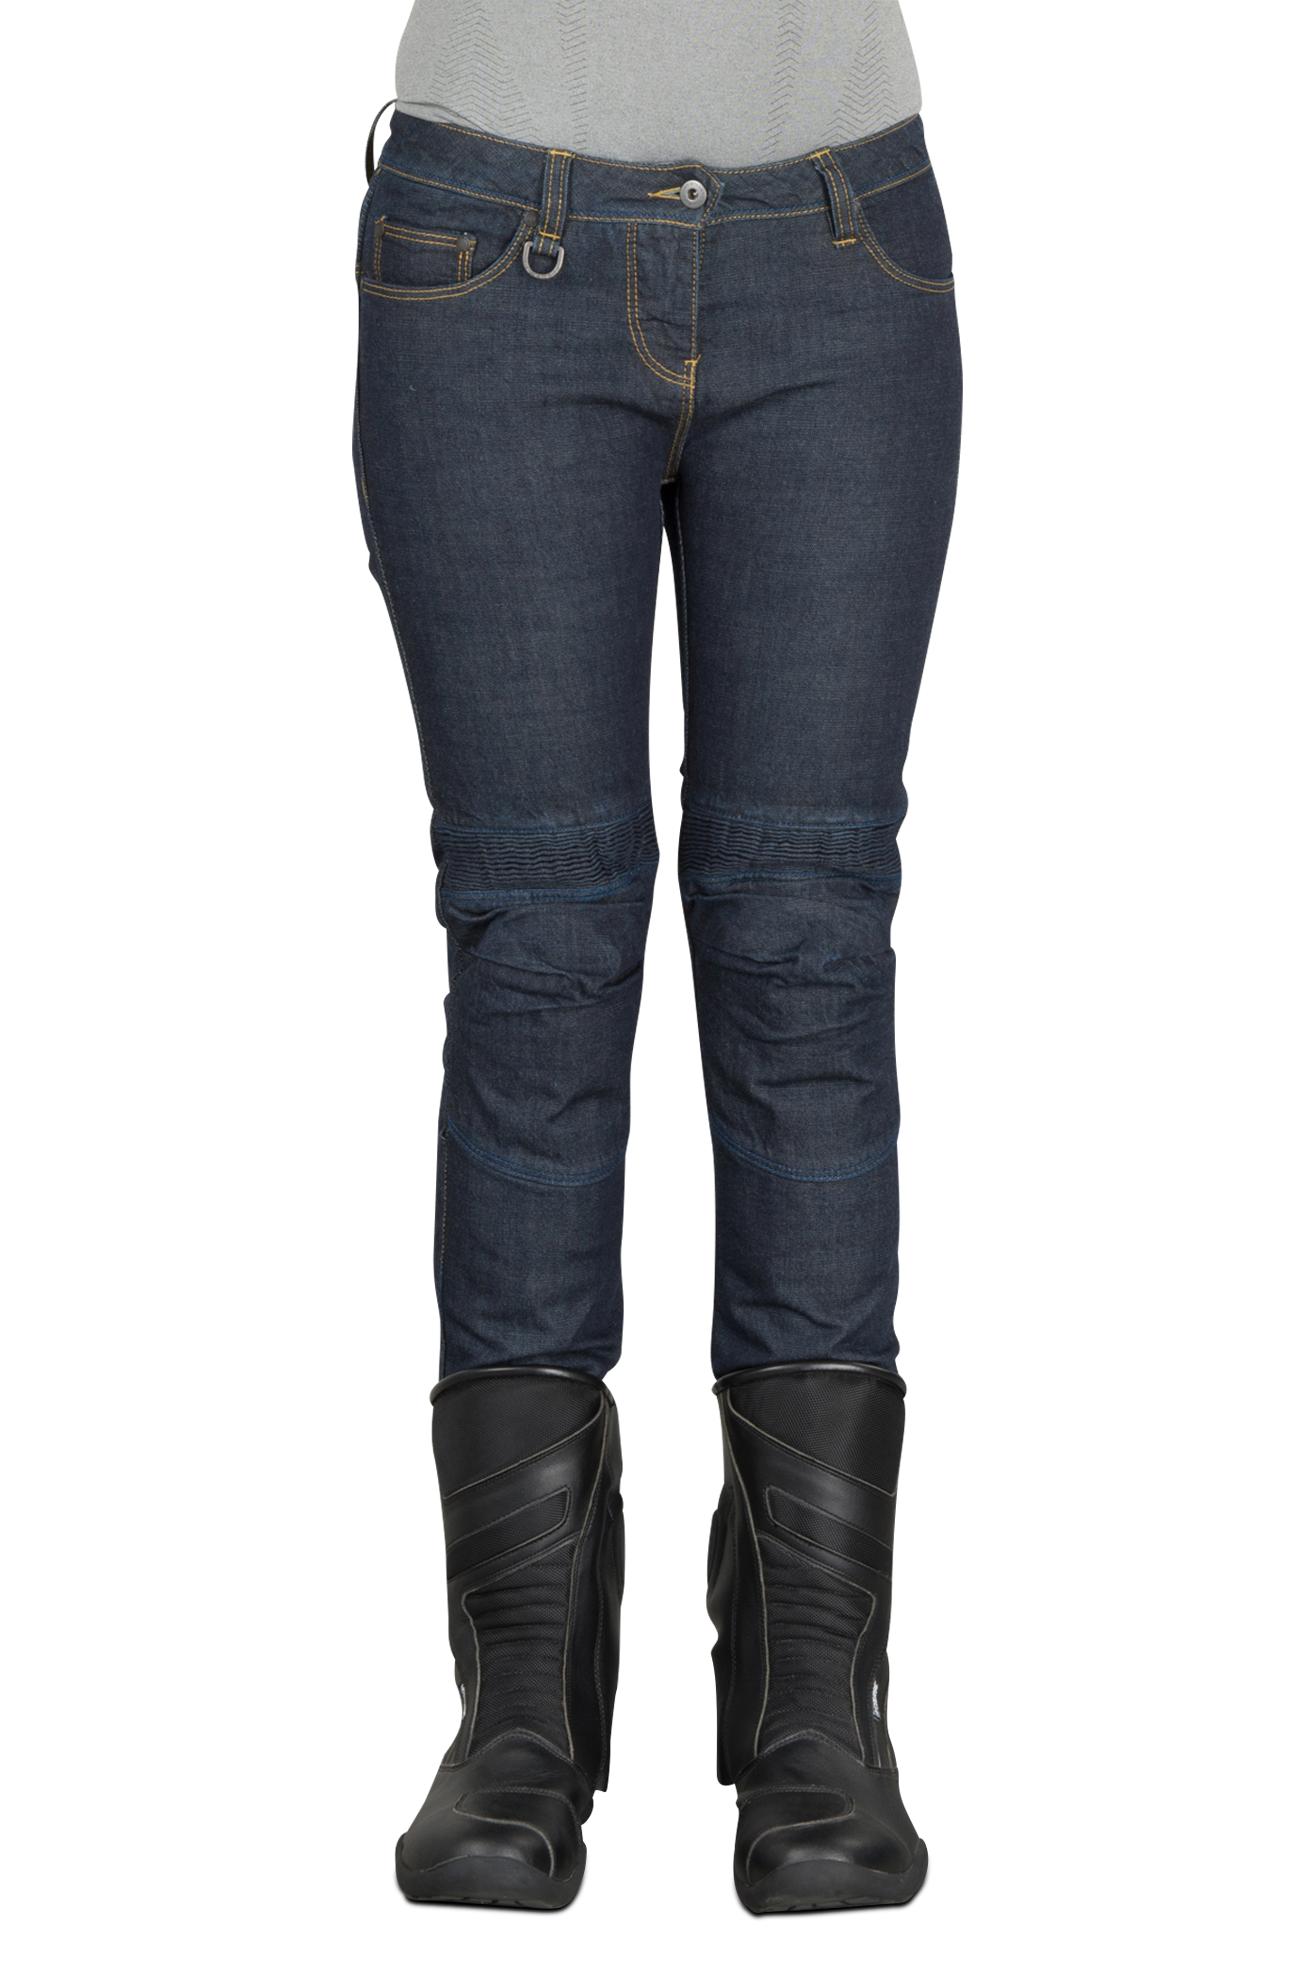 Spidi Jeans Donna  J&Racing Nero-Blu